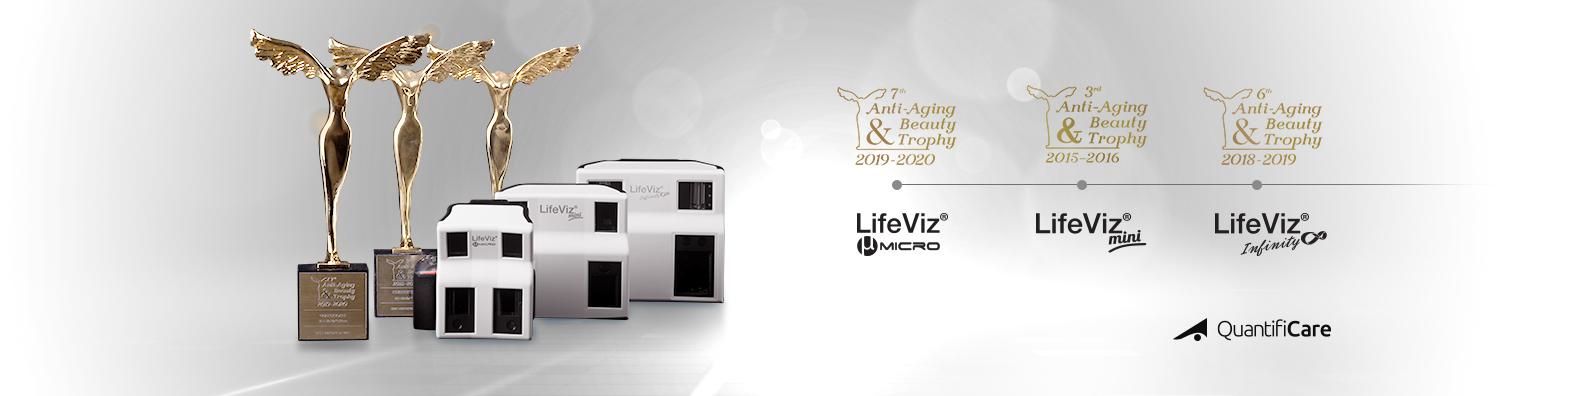 Quantificare LifeViz® Micro Nominated Best Aesthetic Device